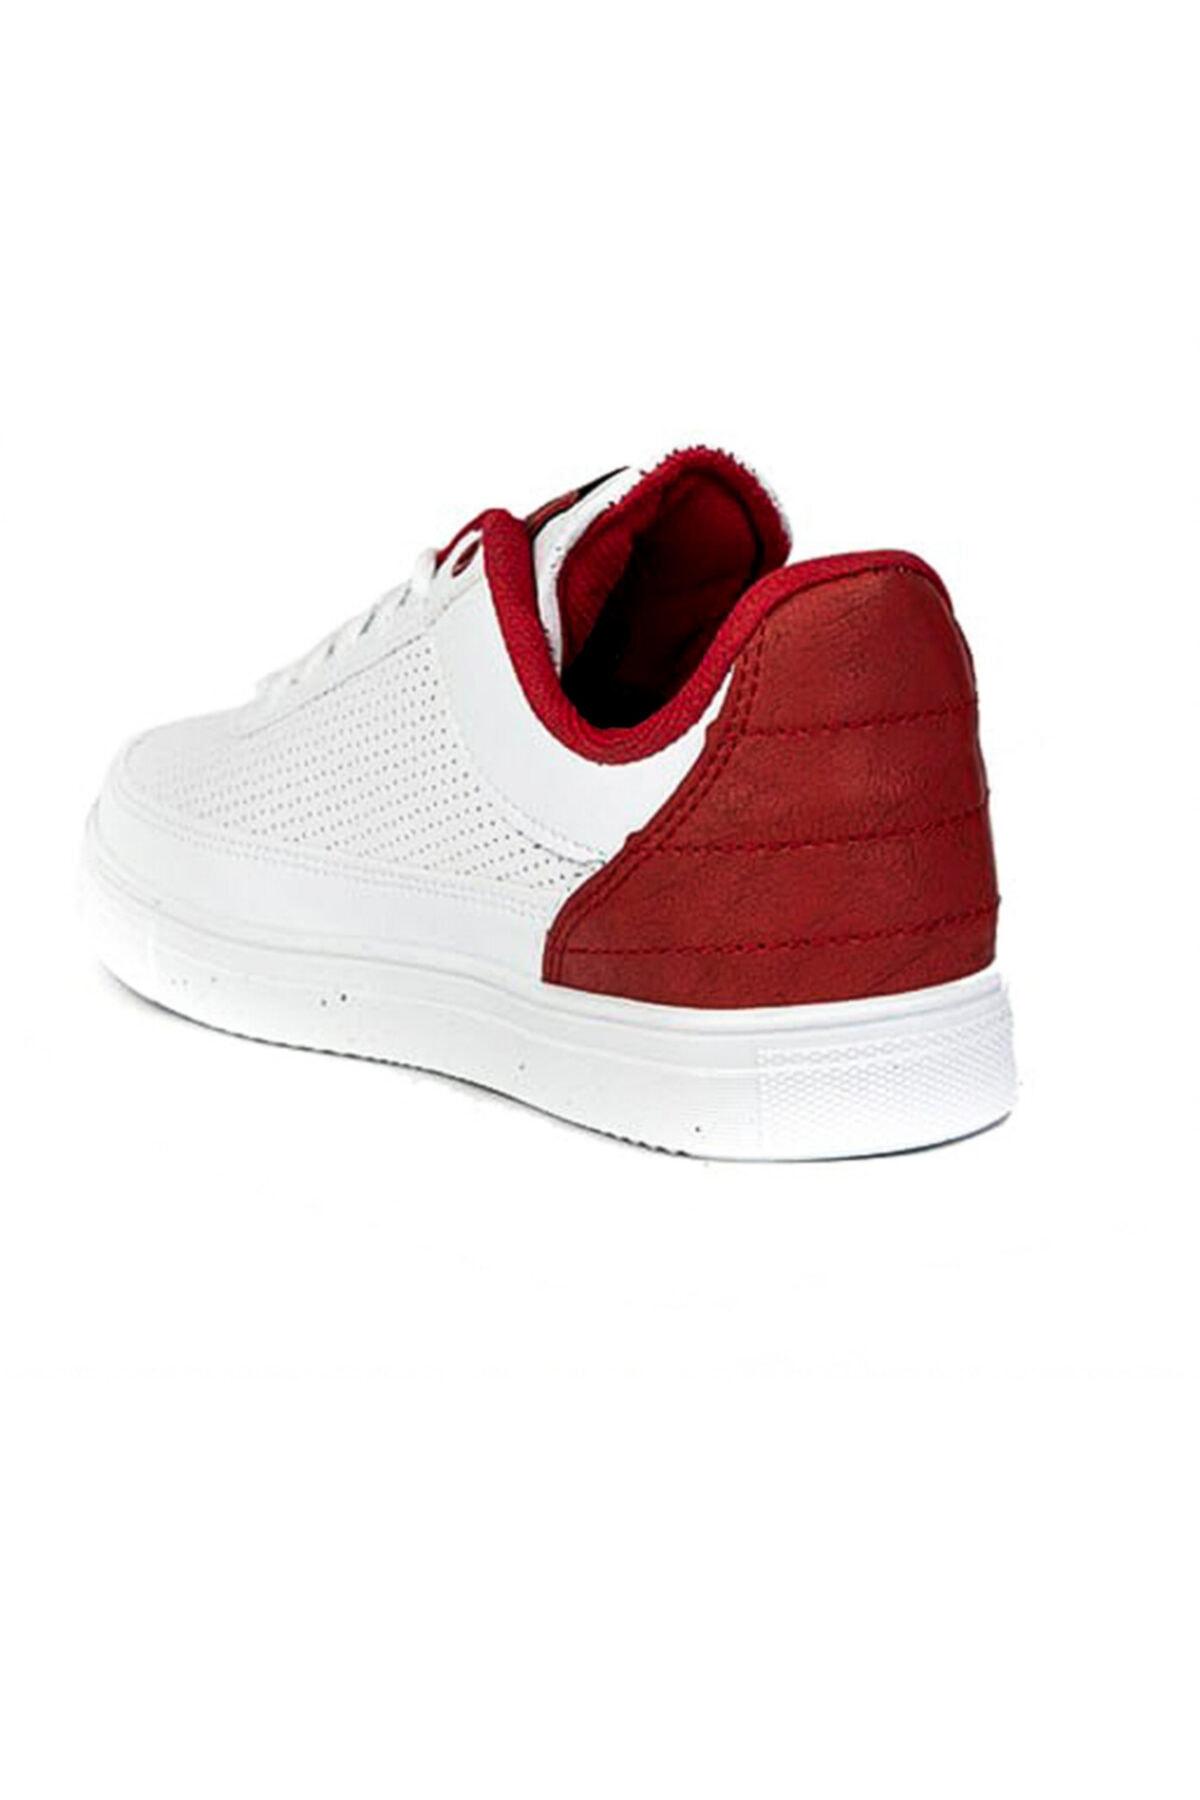 Hercule Shoes Filling Polo Kırmızı Erkek Spor Ayakkabı Günlük Sneaker Yeni Sezon 2